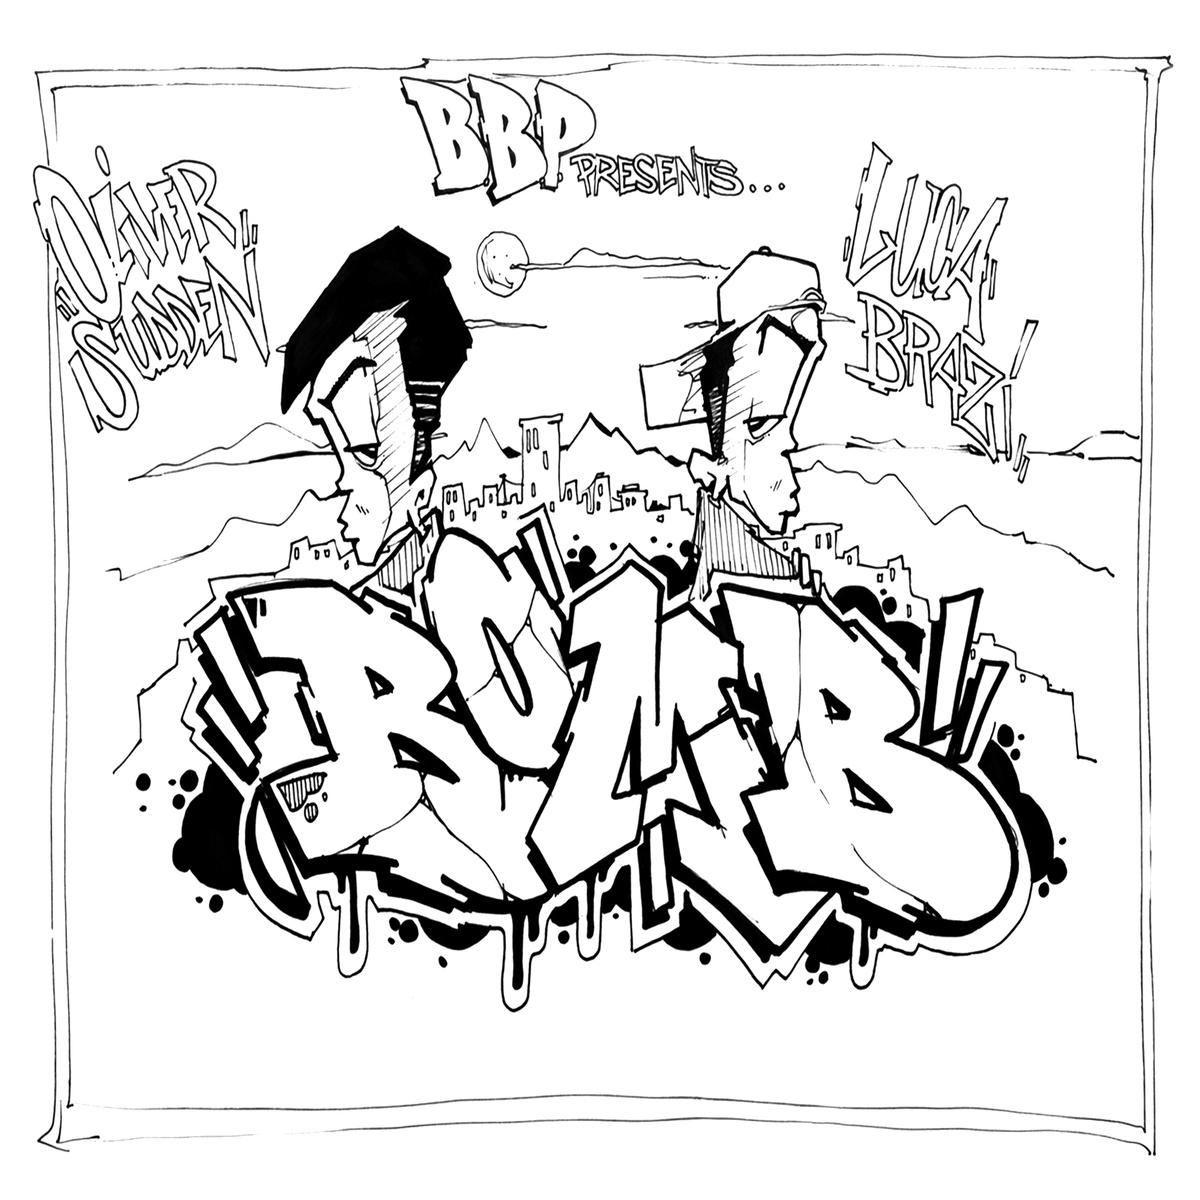 B.O.M.B - B.O.M.B - Artwork